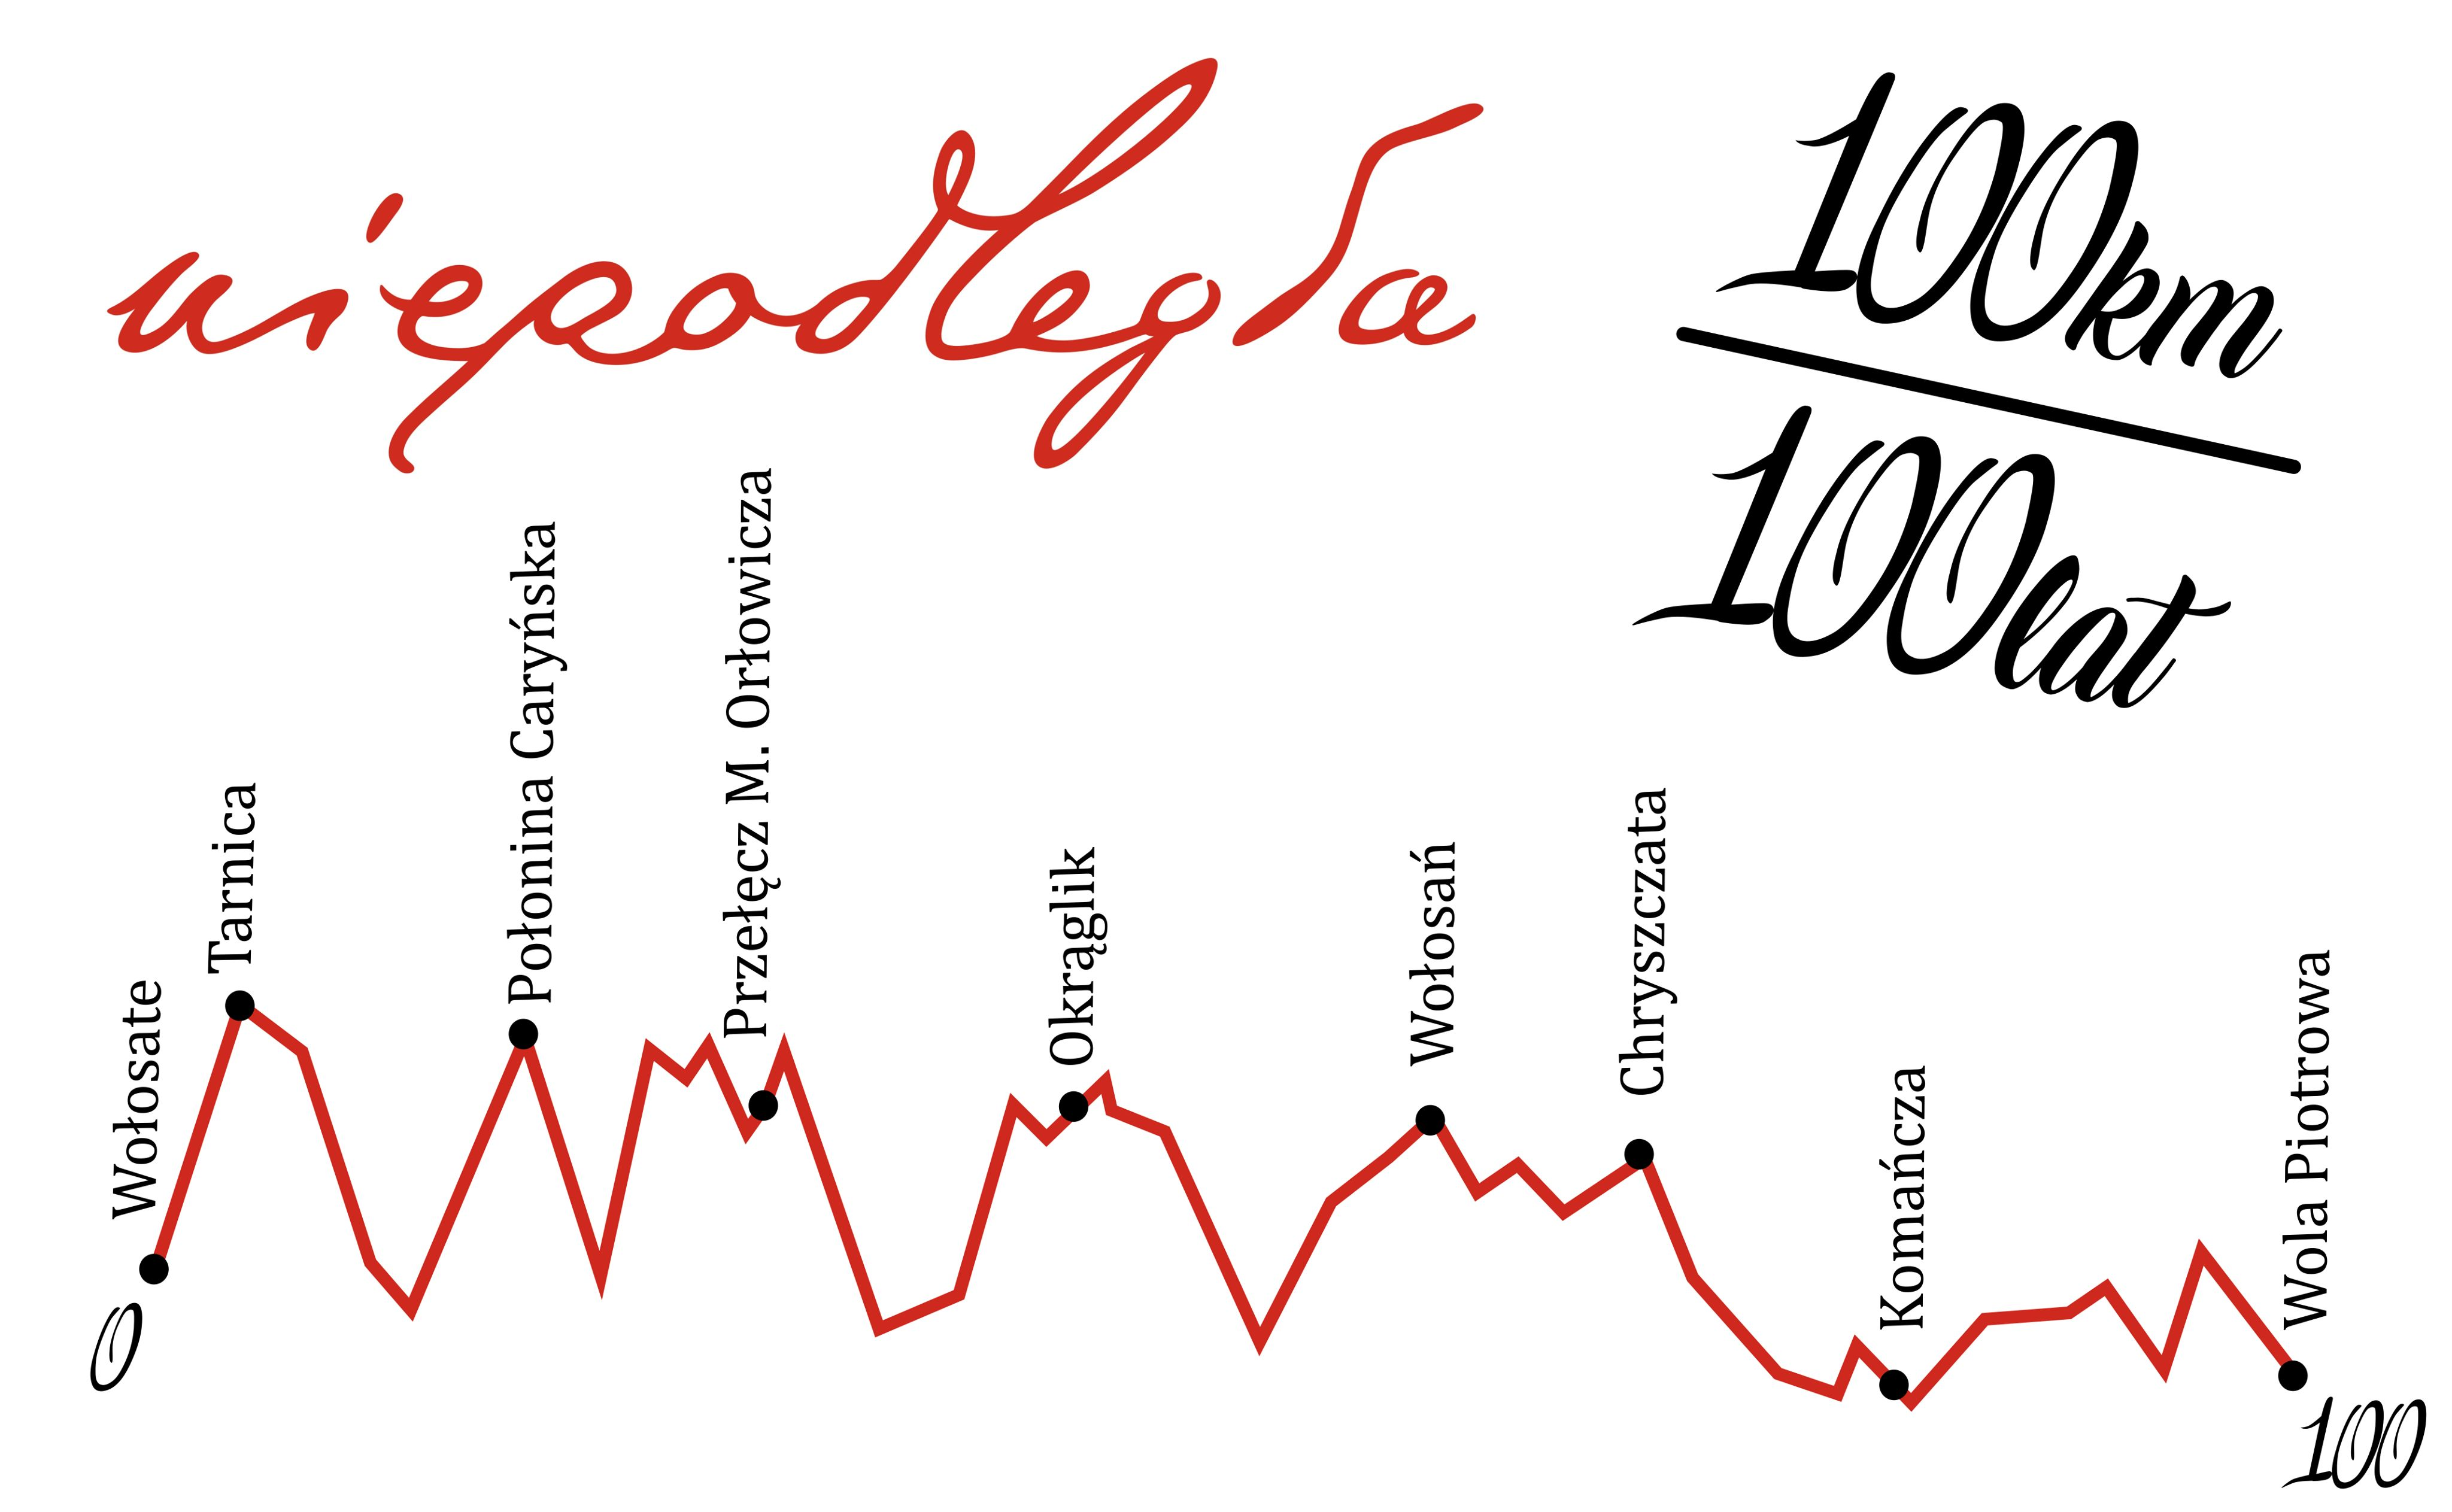 100km 100 lat